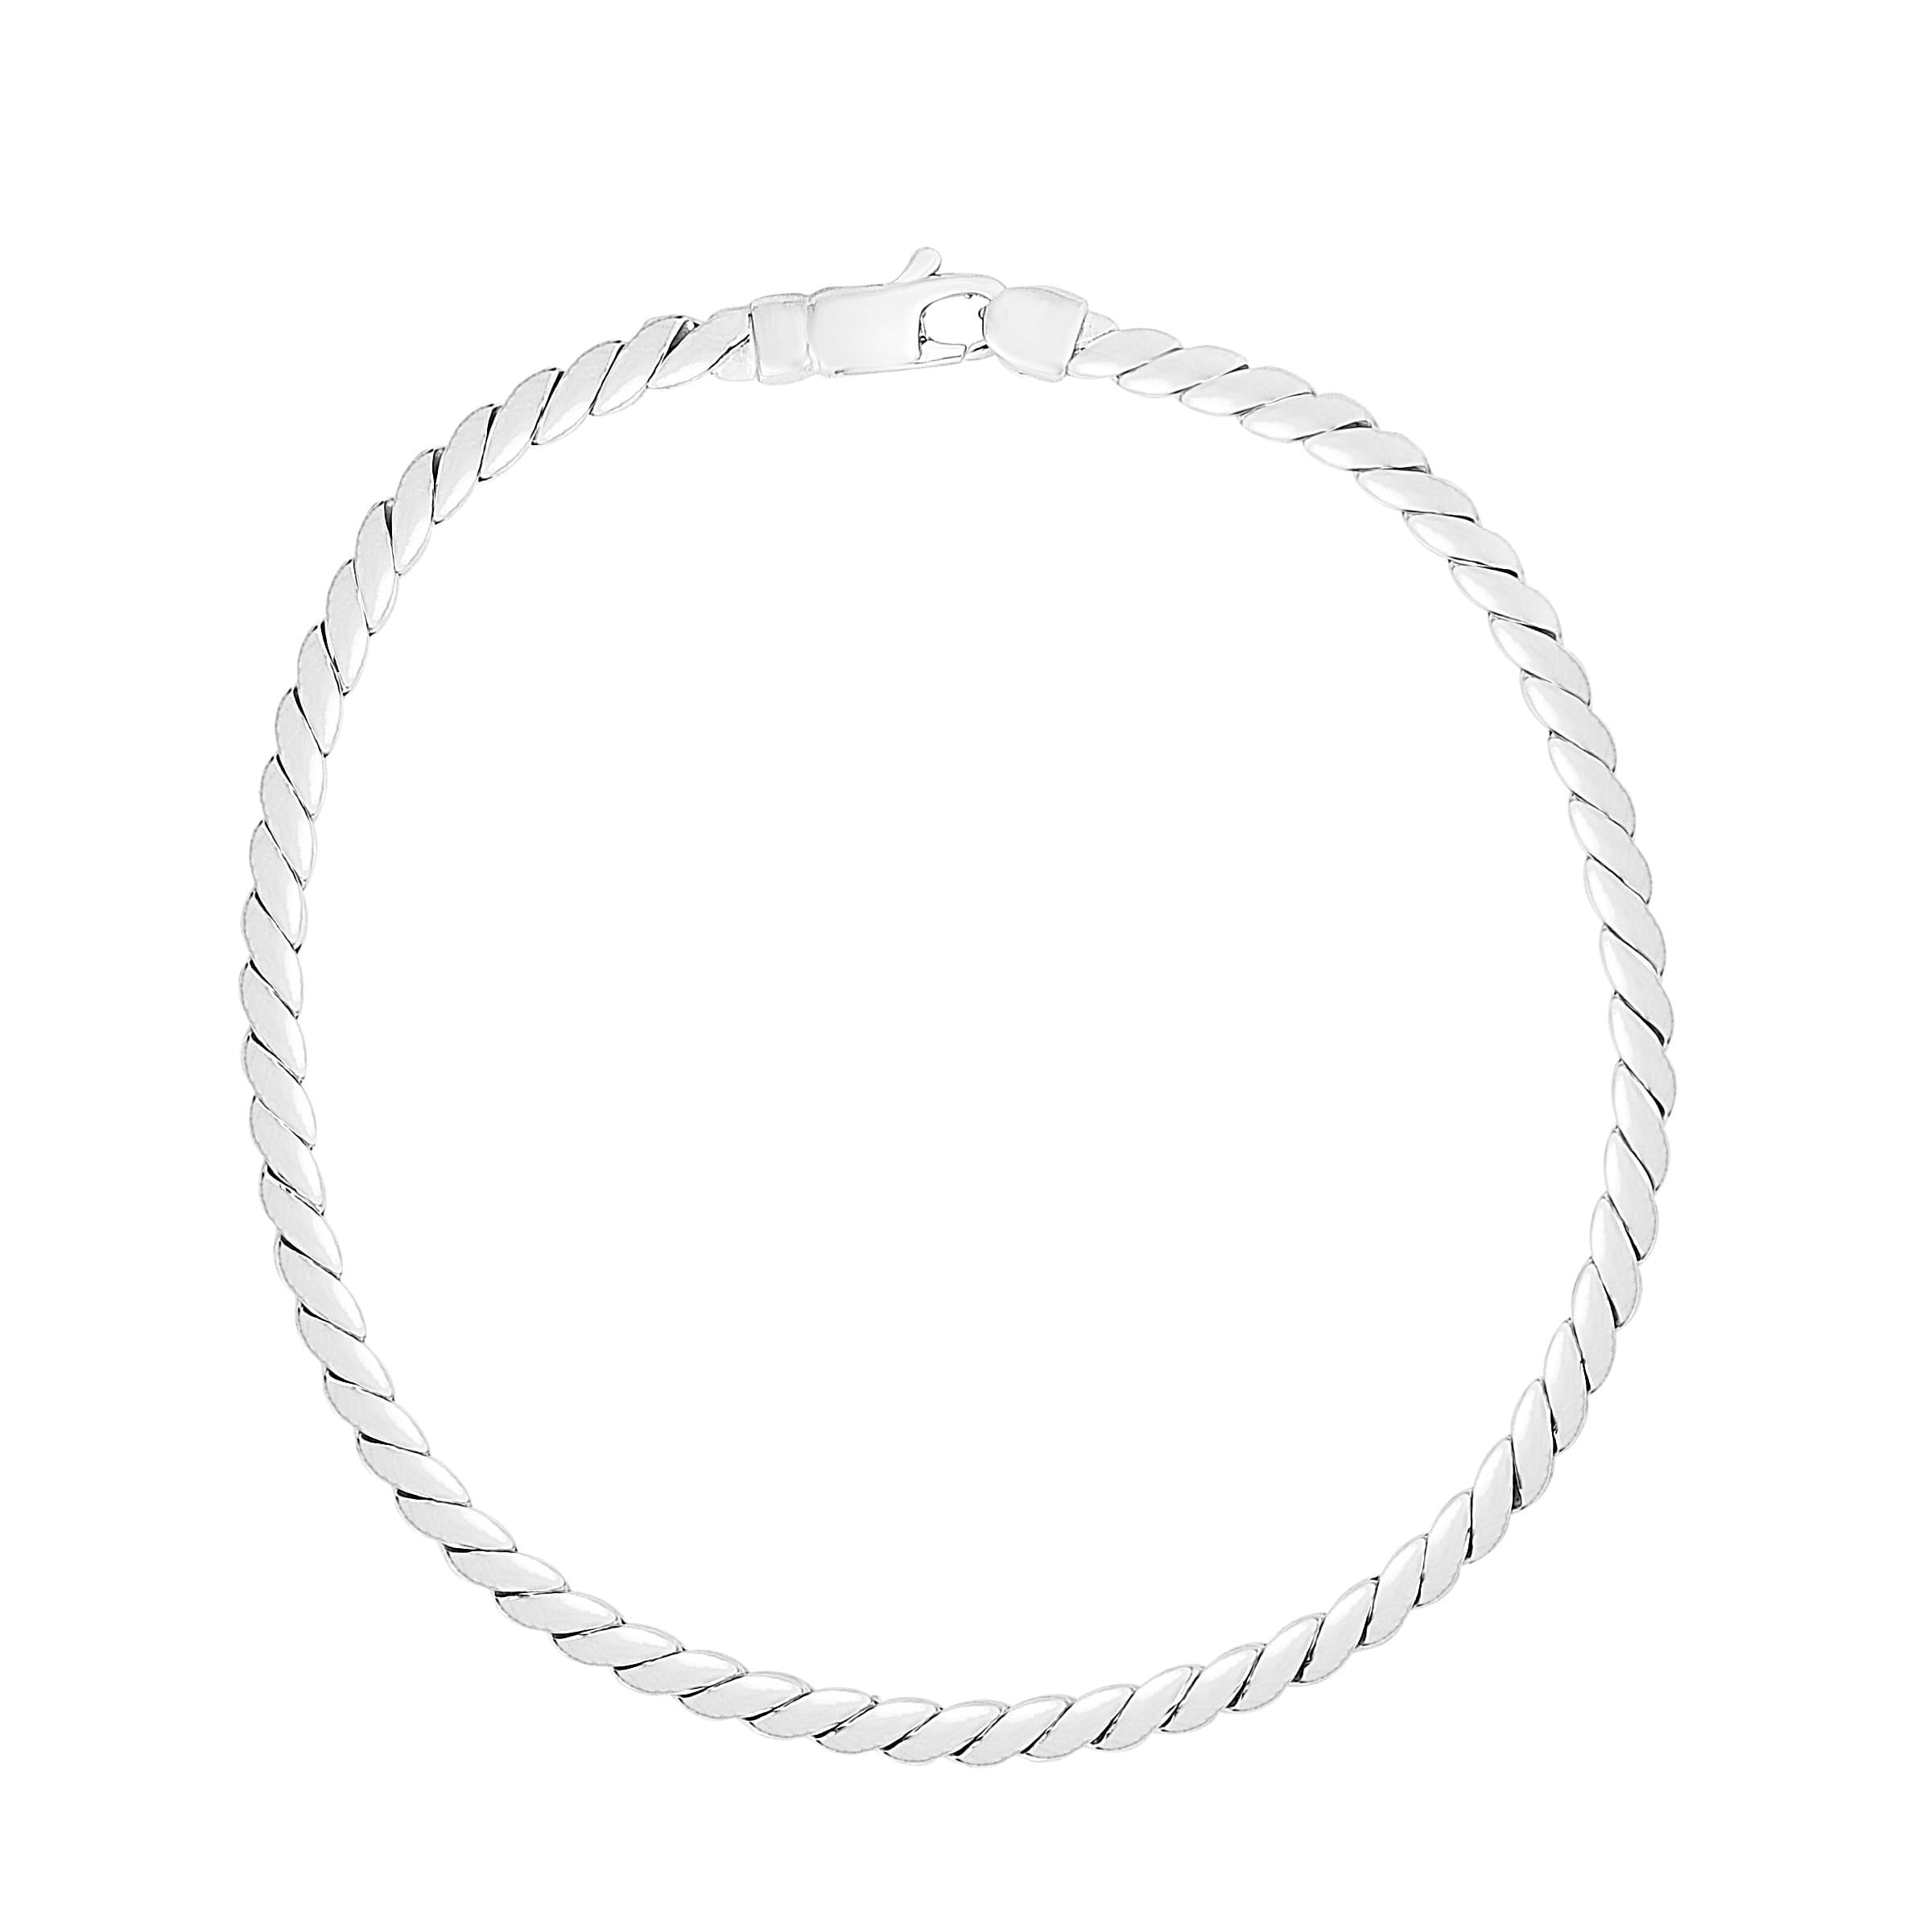 14k-gold-fancy-twisted-link-bracelet-wrc12761-07_ring